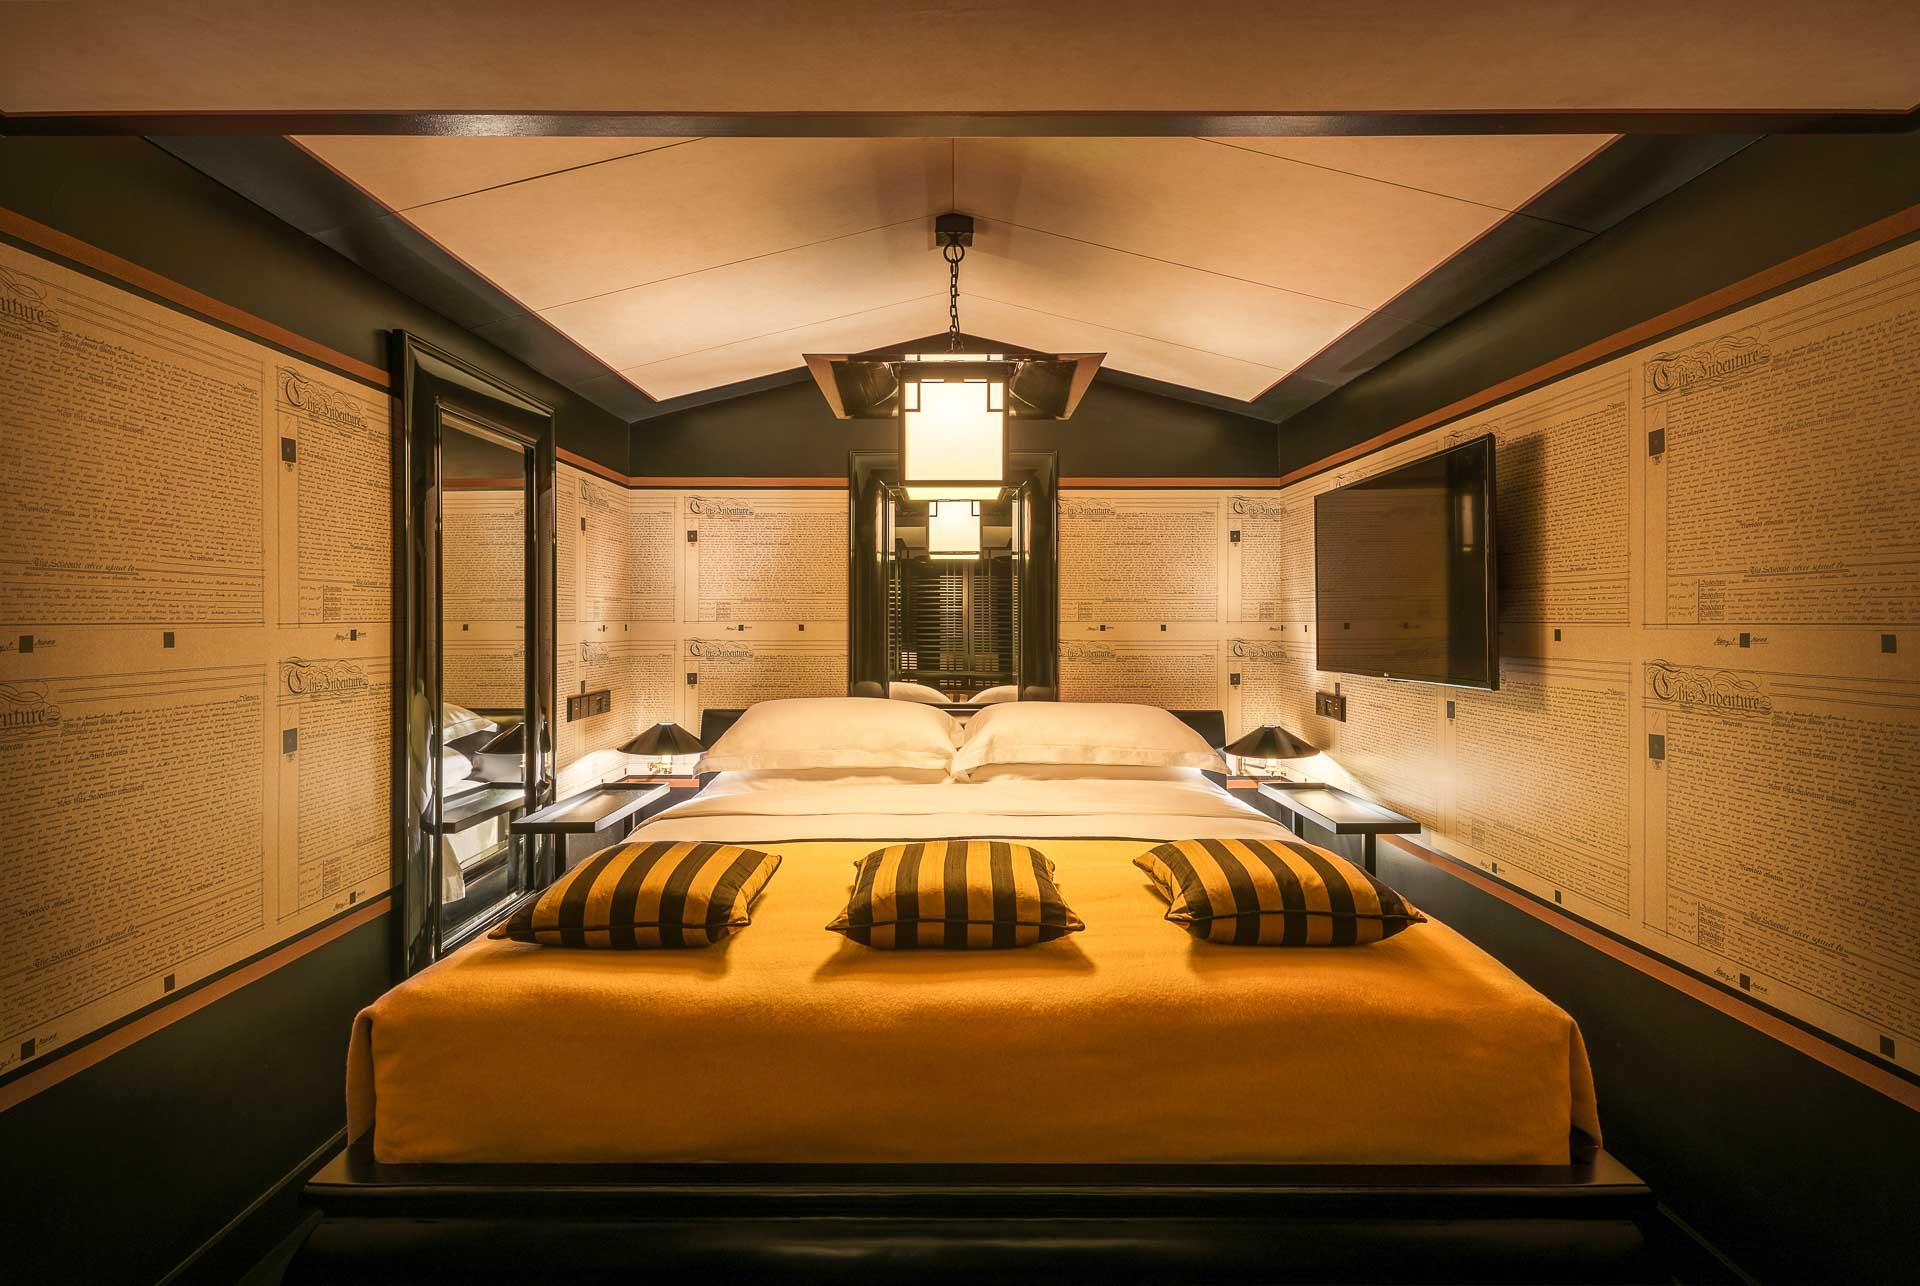 Dans les chambres et suites Opium, les intérieurs se veulent plus opulents, faisan écho à l'héritage du quartier